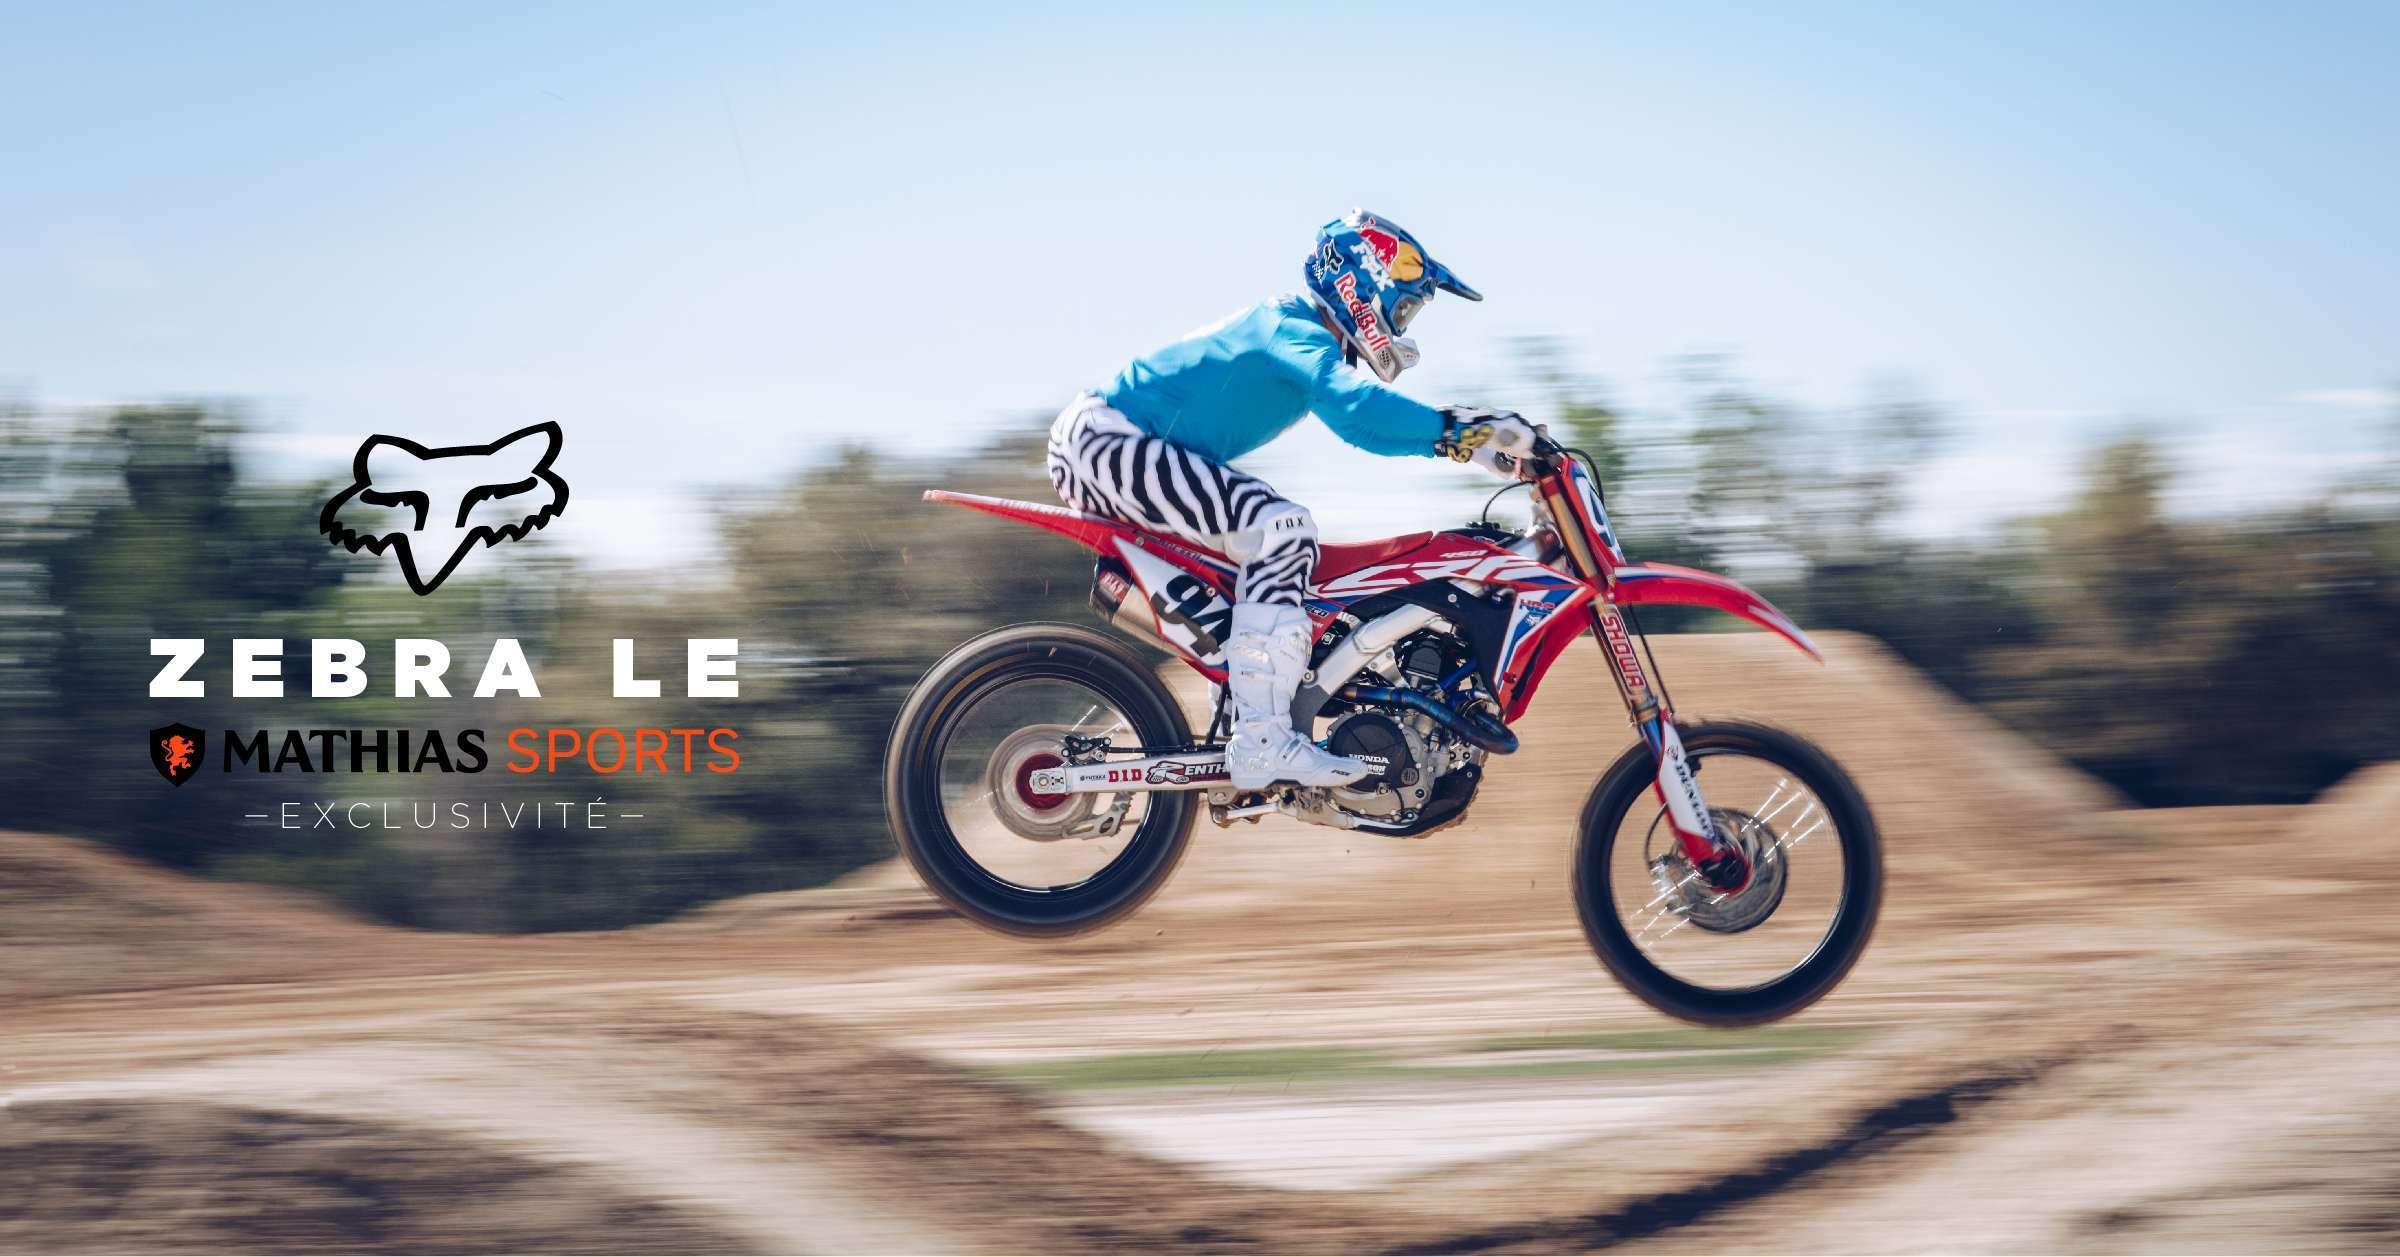 Exclusivité Mathias Sports: édition spéciale Flexair Kit Zebra LE de Fox